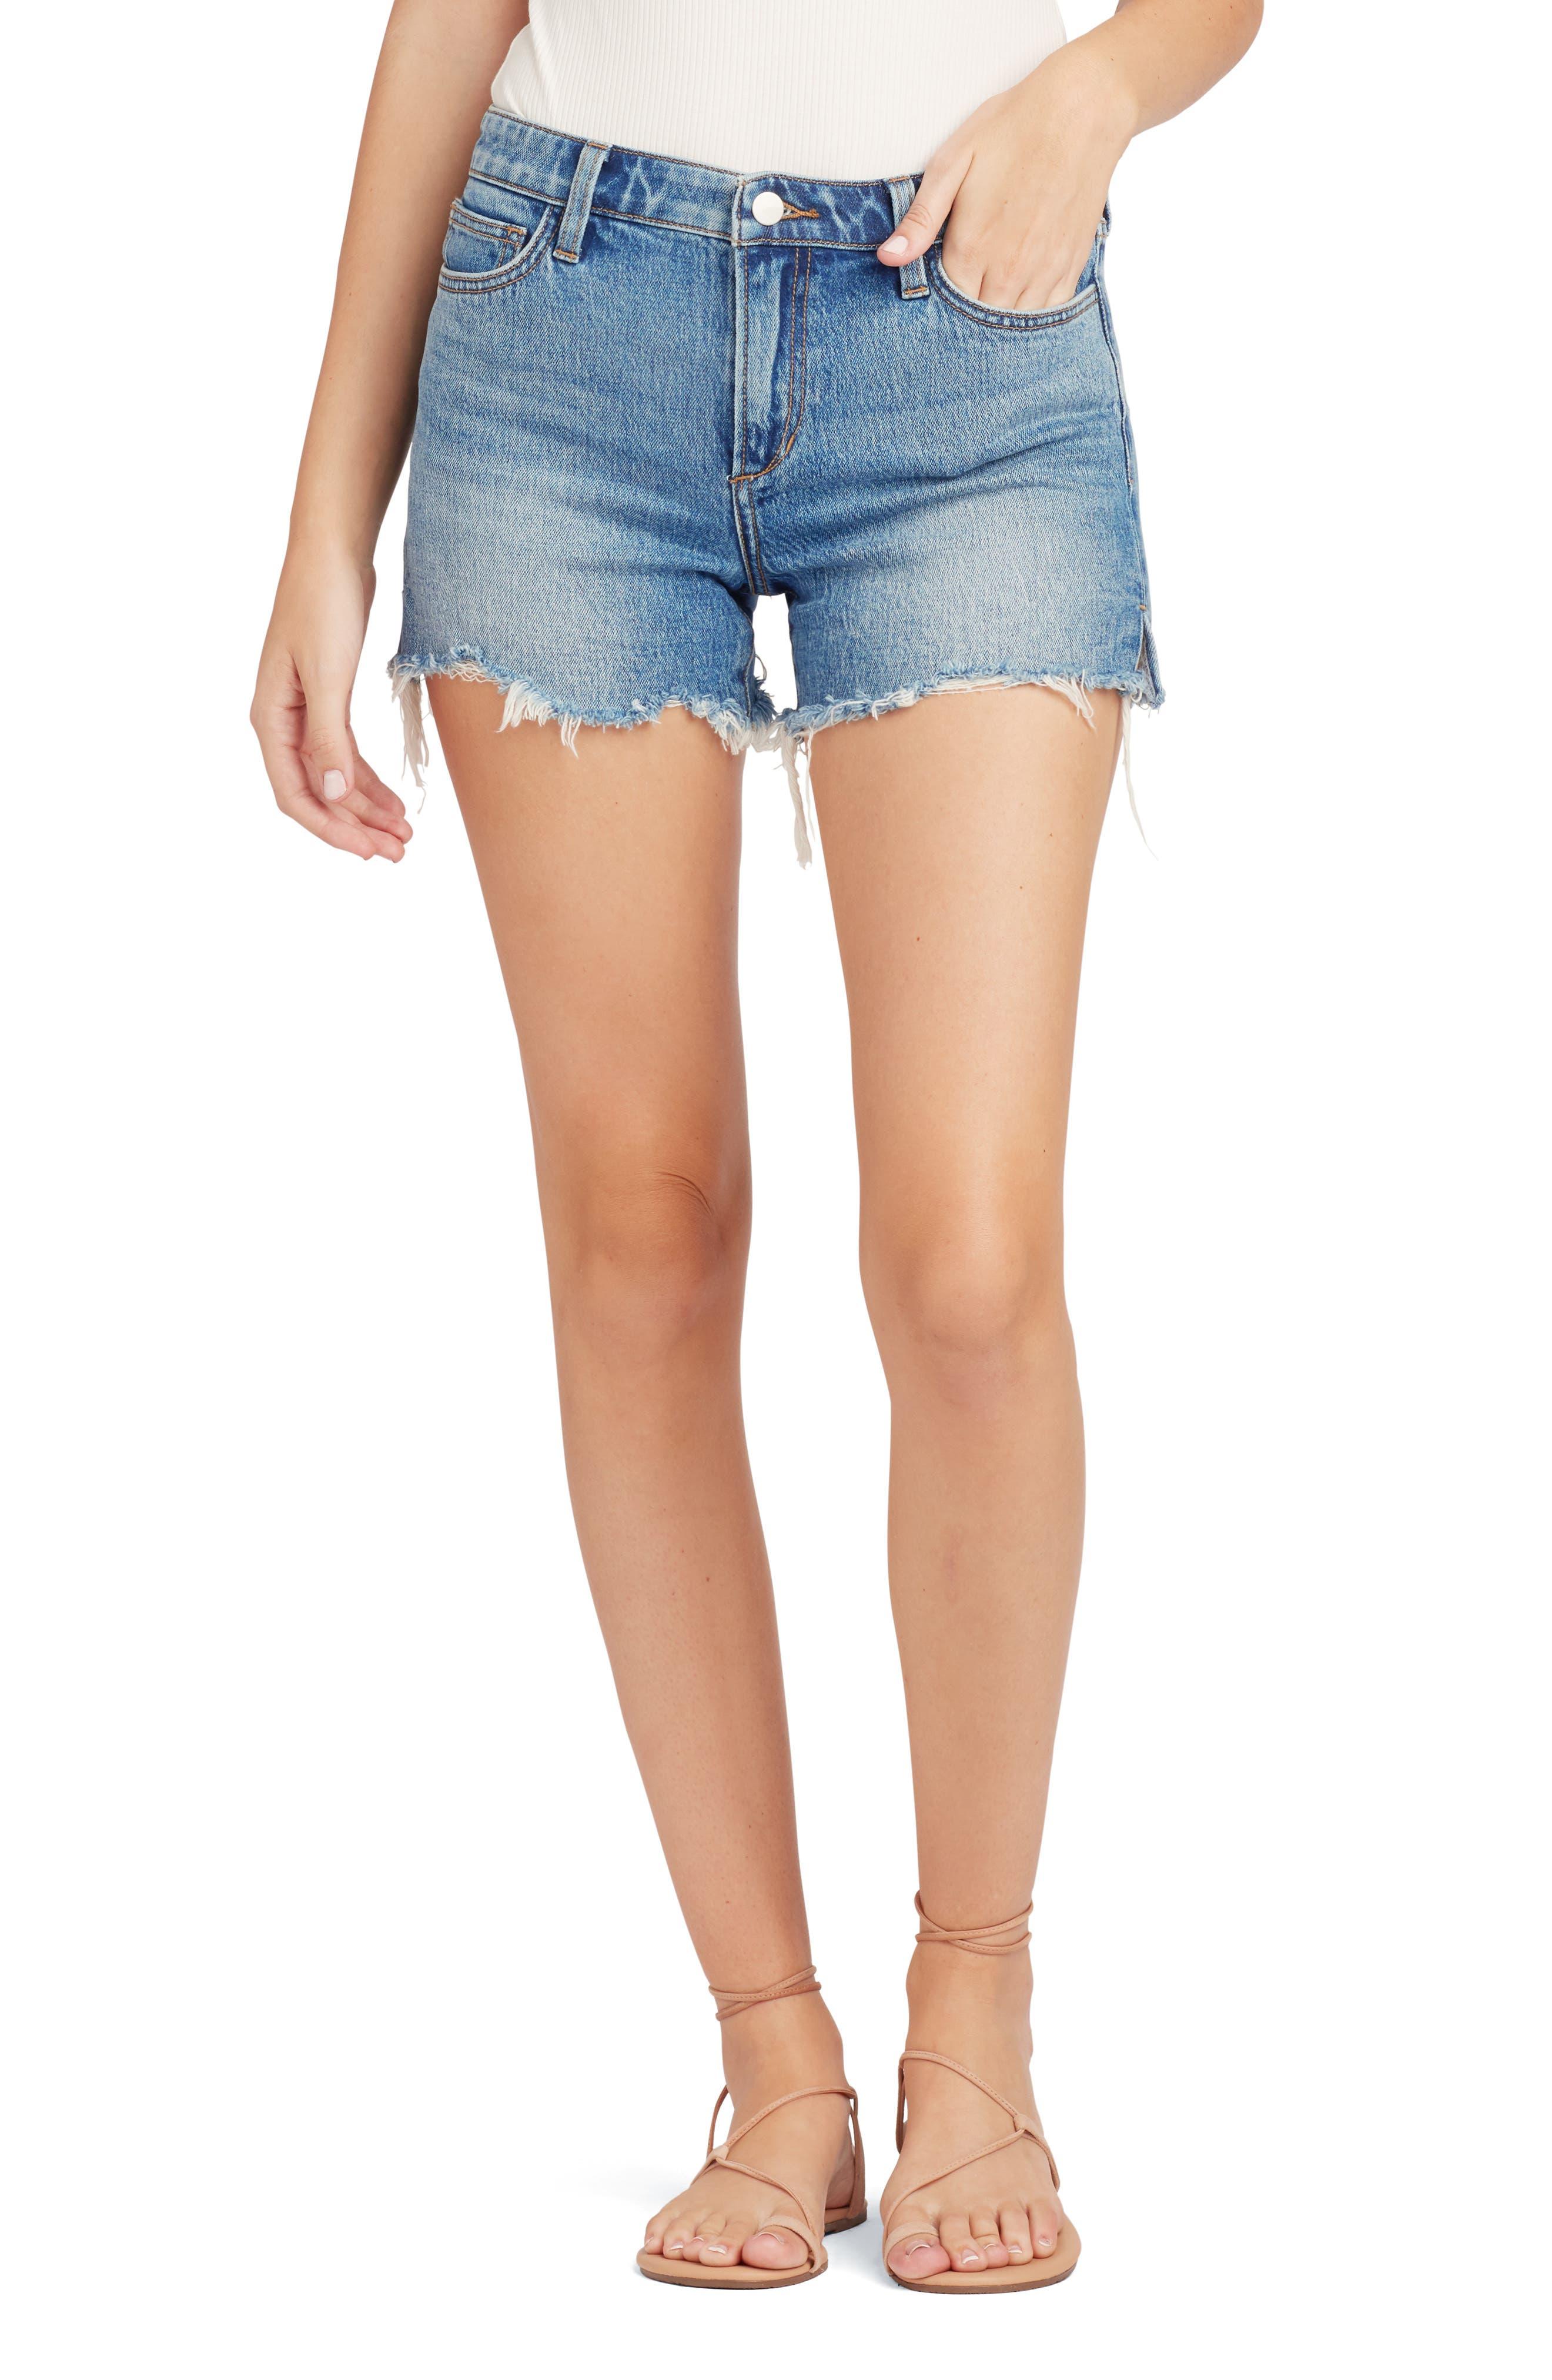 The Ozzie Distressed Cutoff Denim Shorts